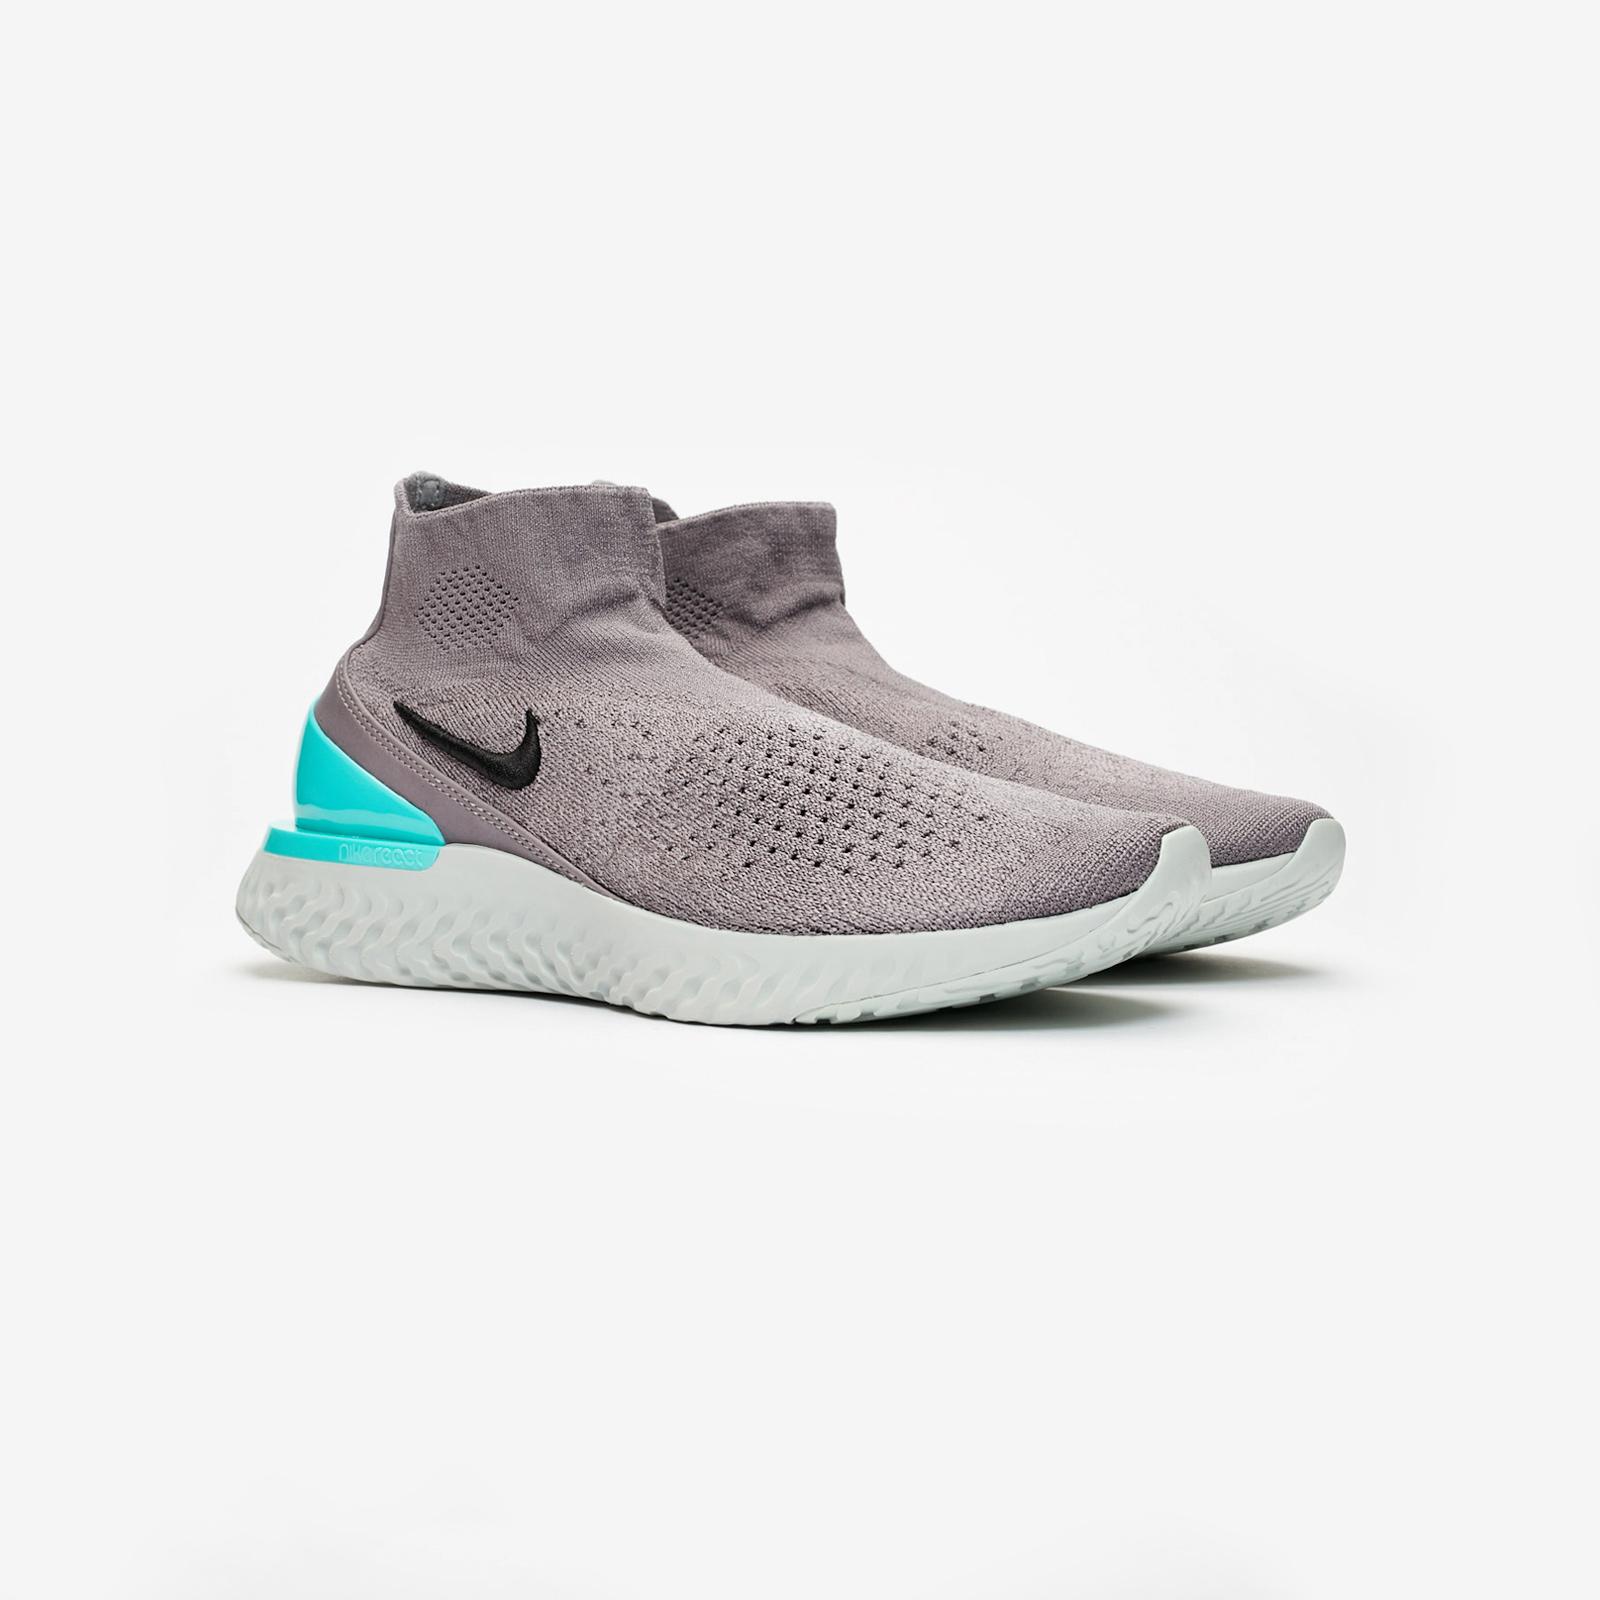 c8b6426adc6984 Nike Rise React Flyknit - Av5554-002 - Sneakersnstuff